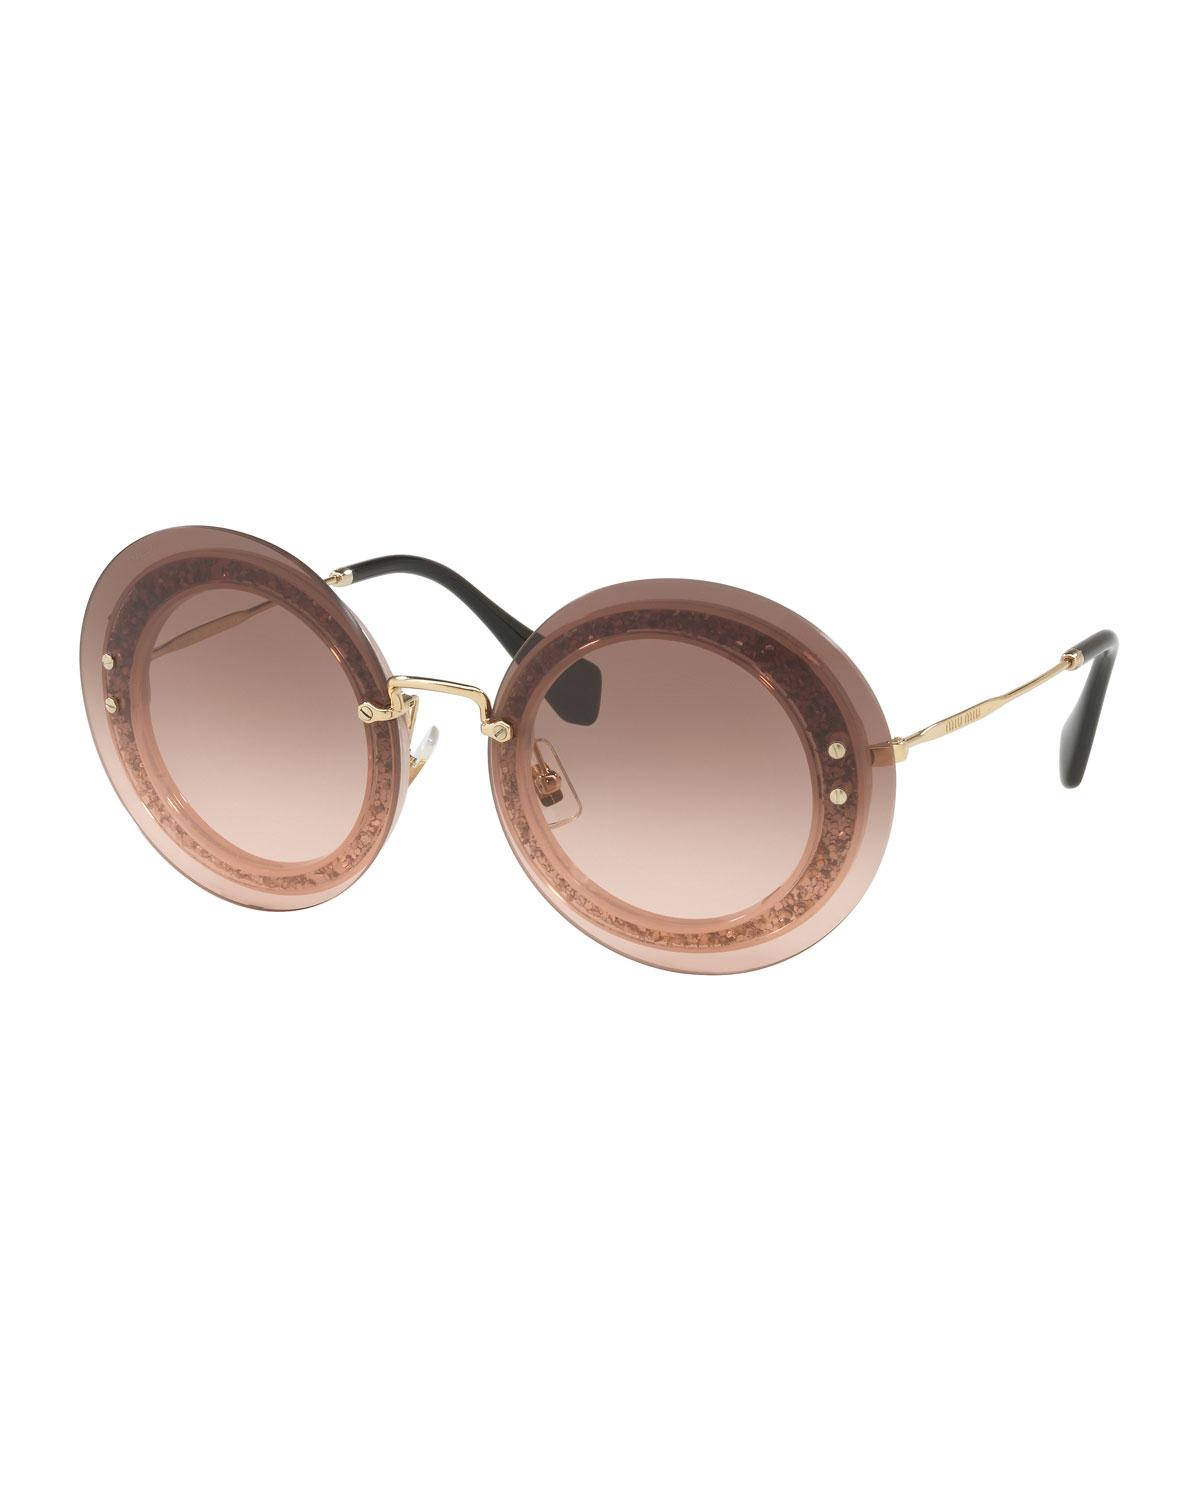 e53755ada4b9 Miu Miu Round Glitter-Illusion Frame Sunglasses